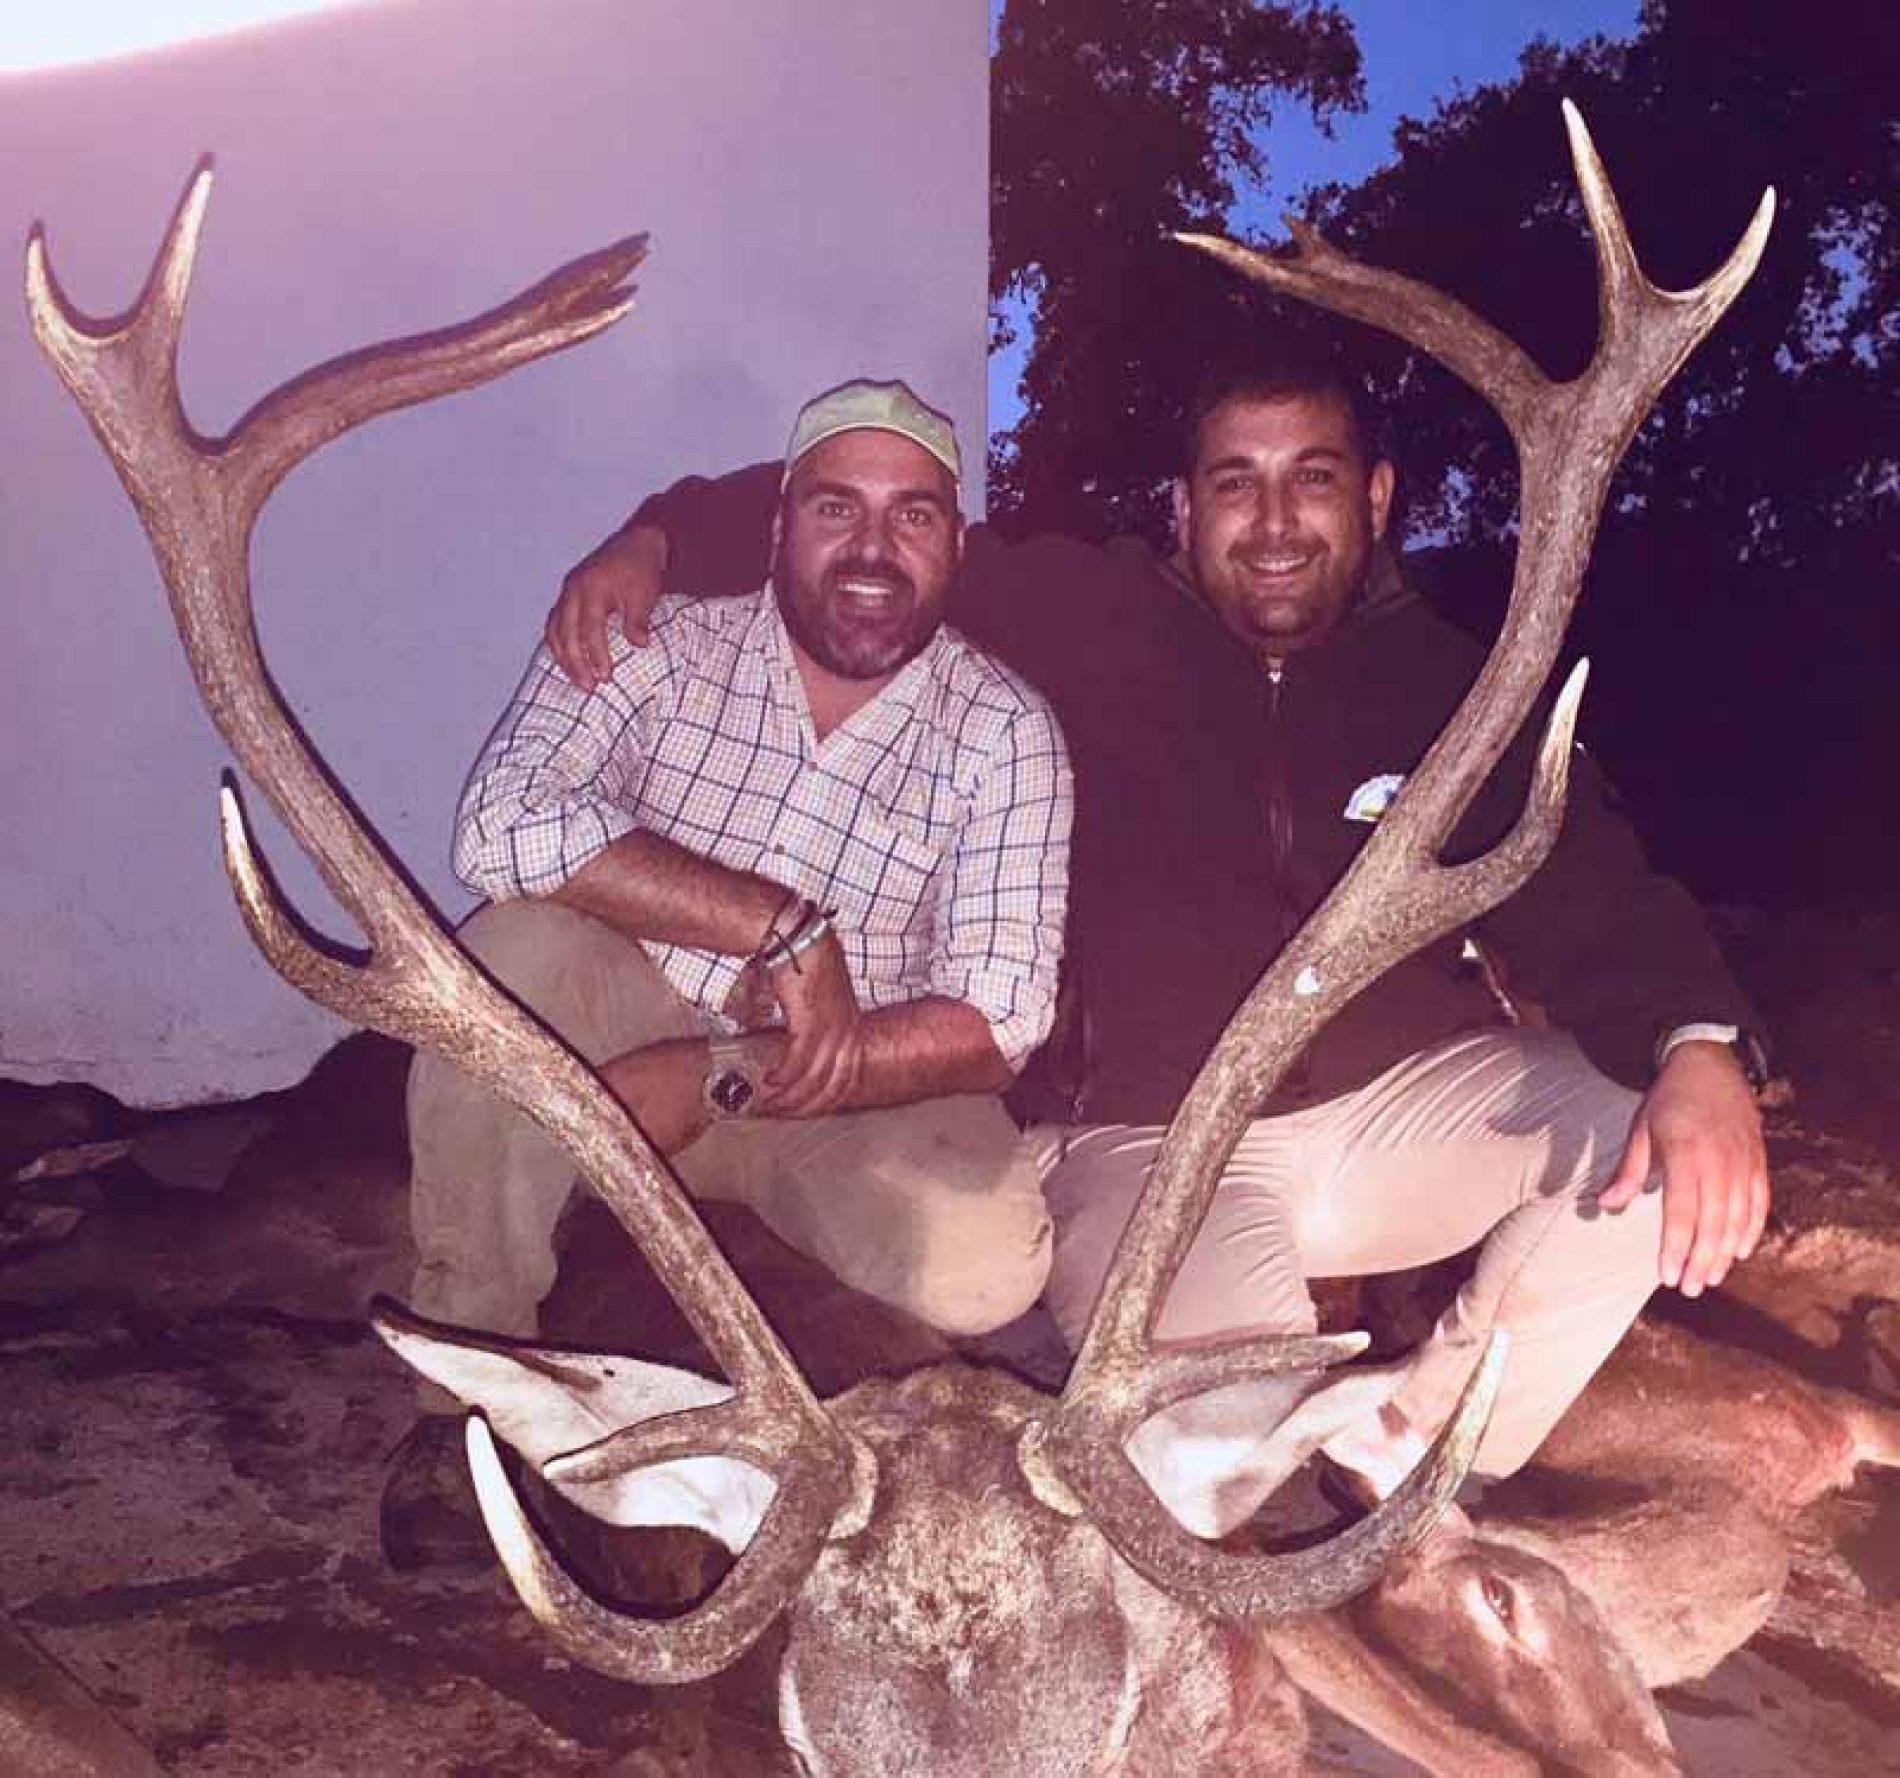 Madajas Viejas, una dura montería que realza la caza en abierto